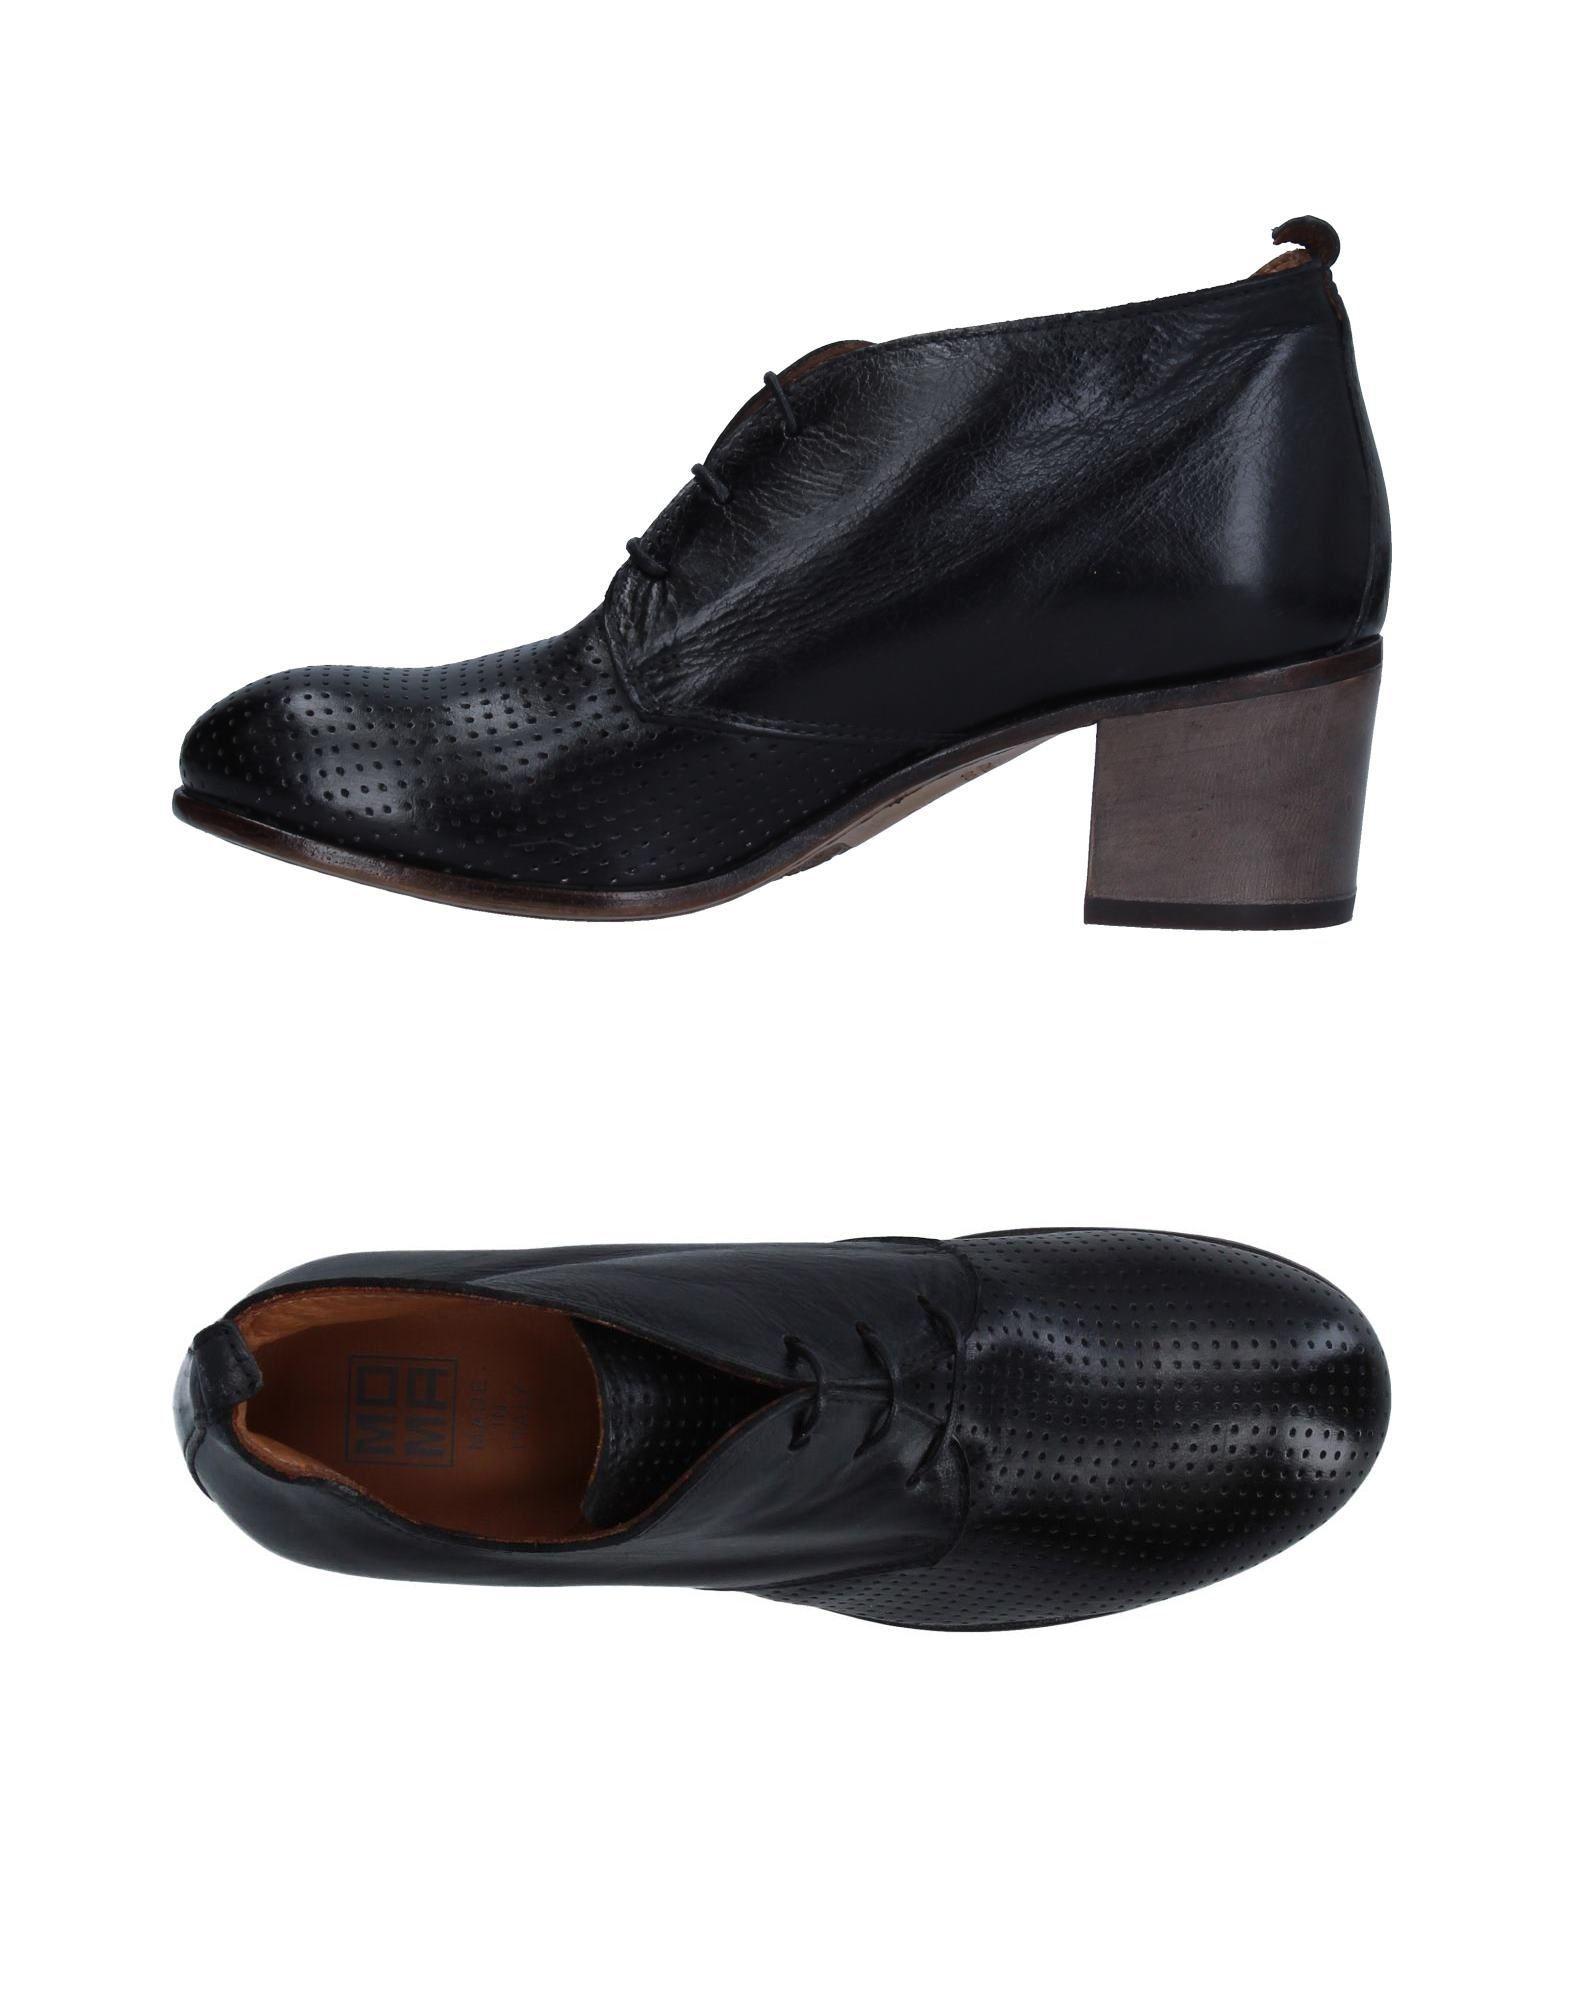 Moma Schnürschuhe Damen  11326950BFGut aussehende strapazierfähige Schuhe